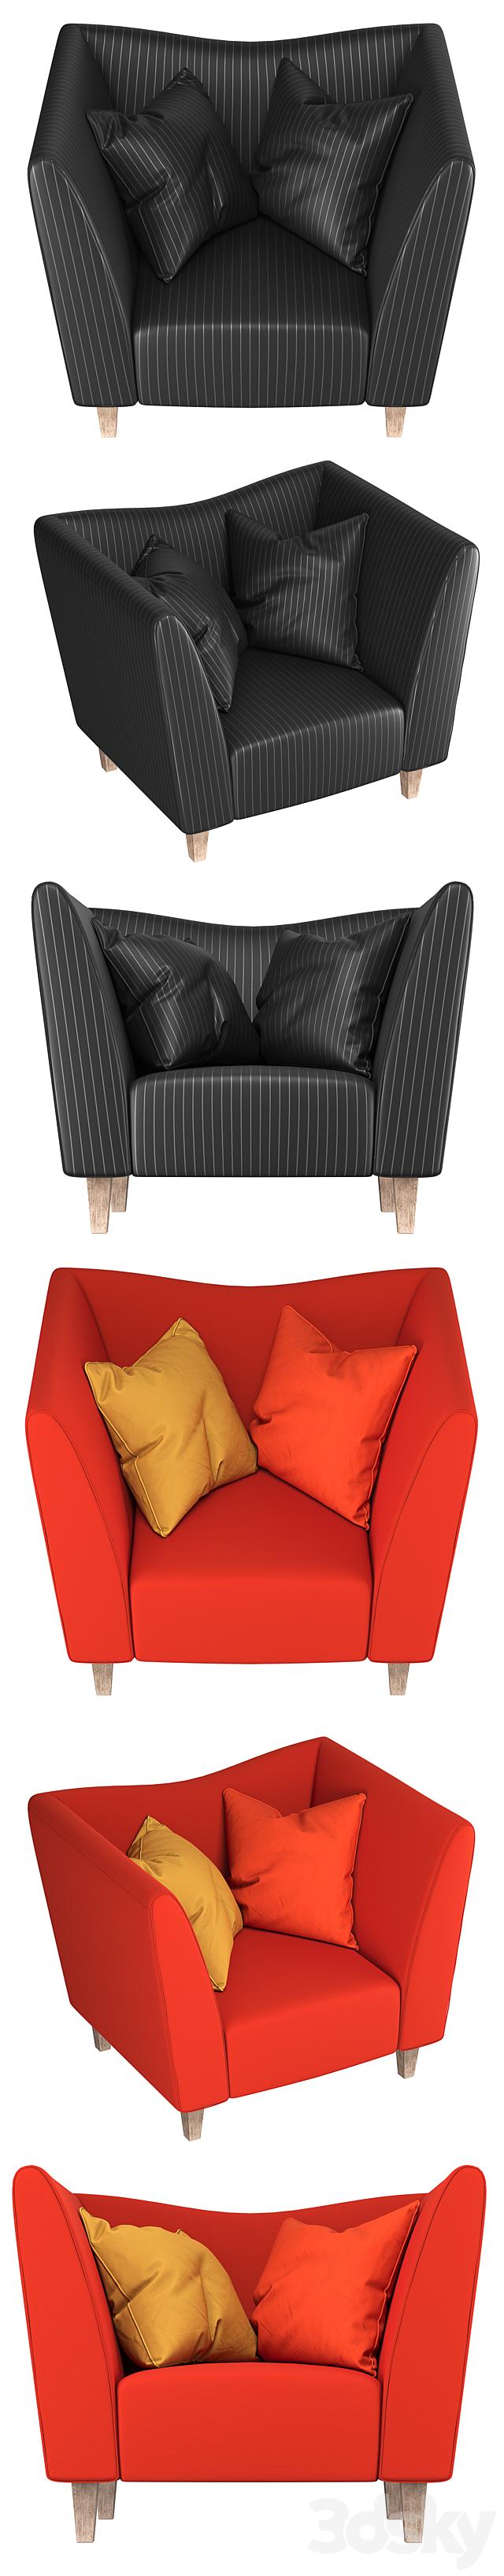 10.119A Shabby armchair